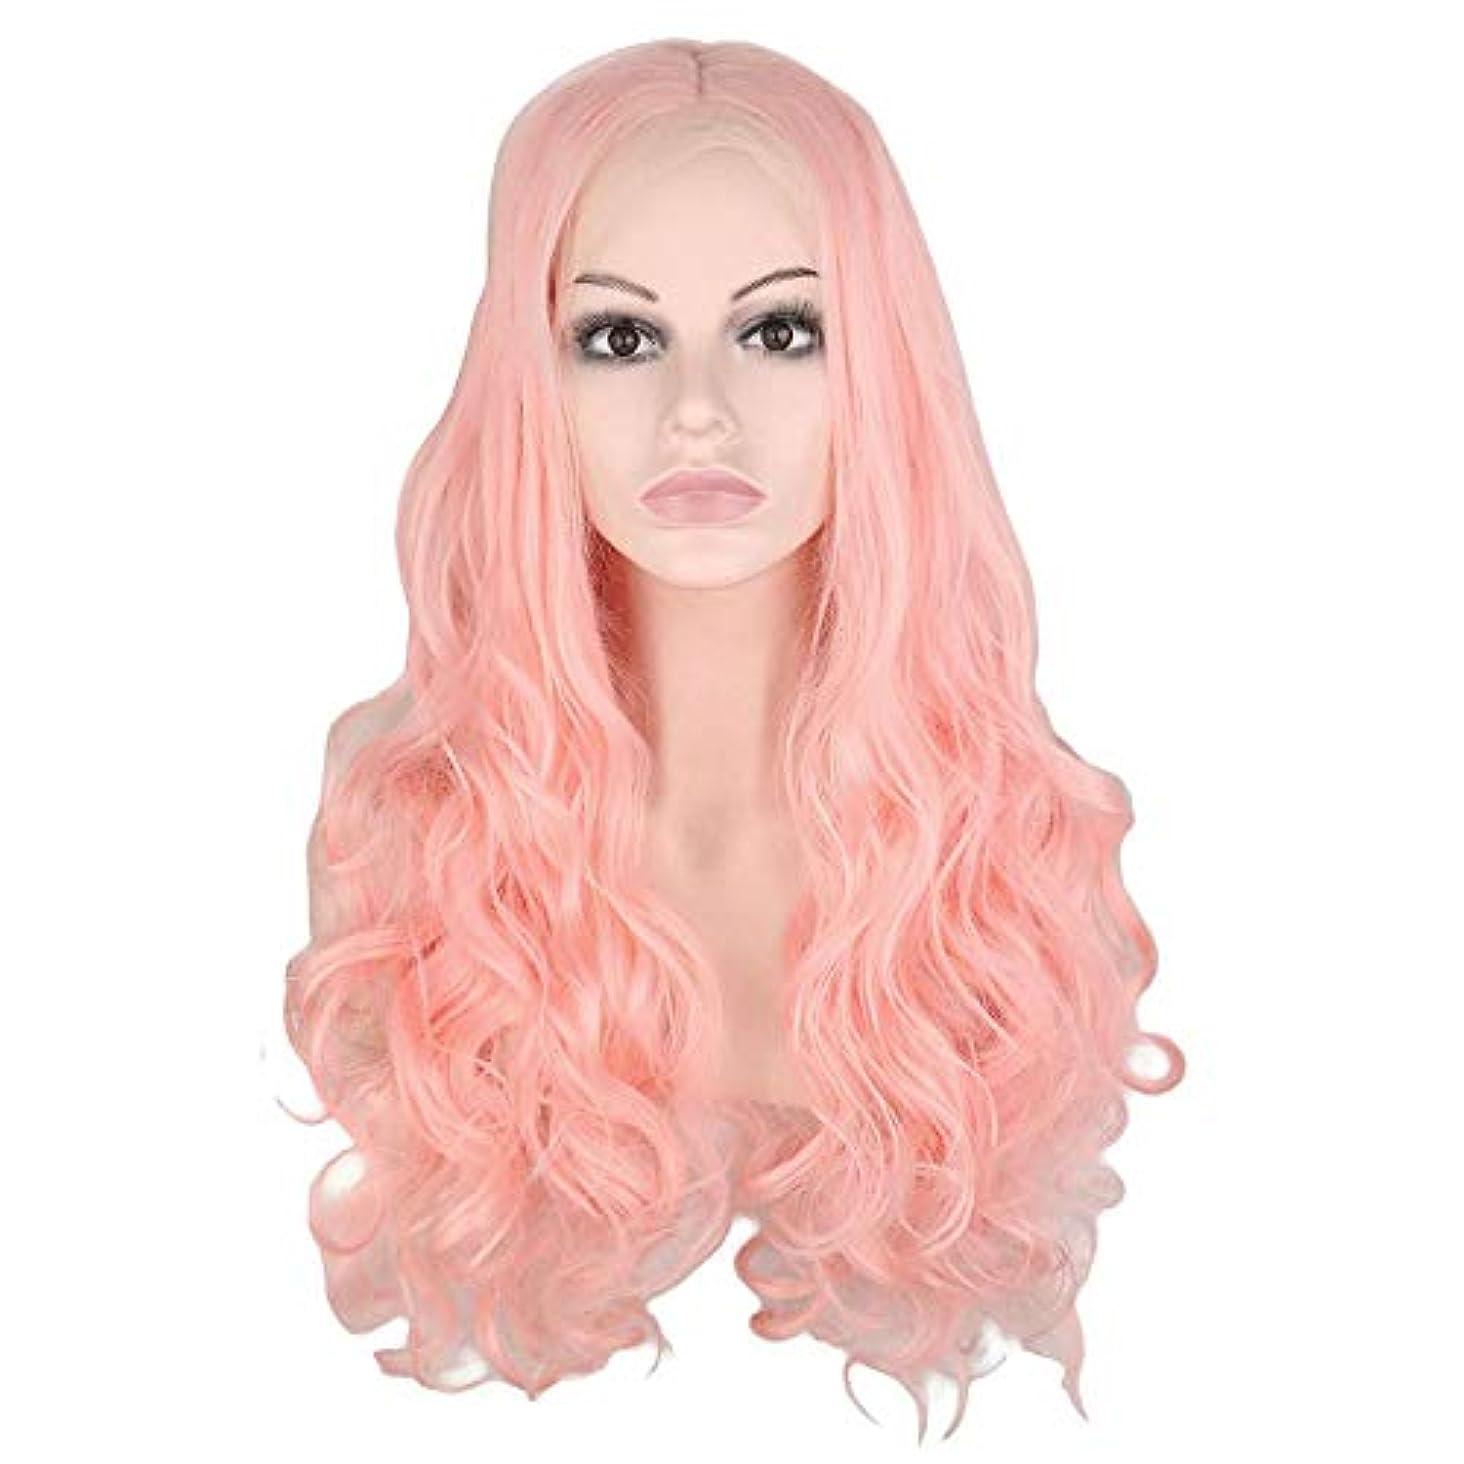 スピーカードット書士ウィッグ つけ毛 26インチレースフロントウィッグブロンドピンクロングカーリーウェーブヘアウィッグミドルパートコスプレ衣装デイリーパーティーウィッグ本物の髪を持つ女性 (色 : Blonde Pink, サイズ : 26